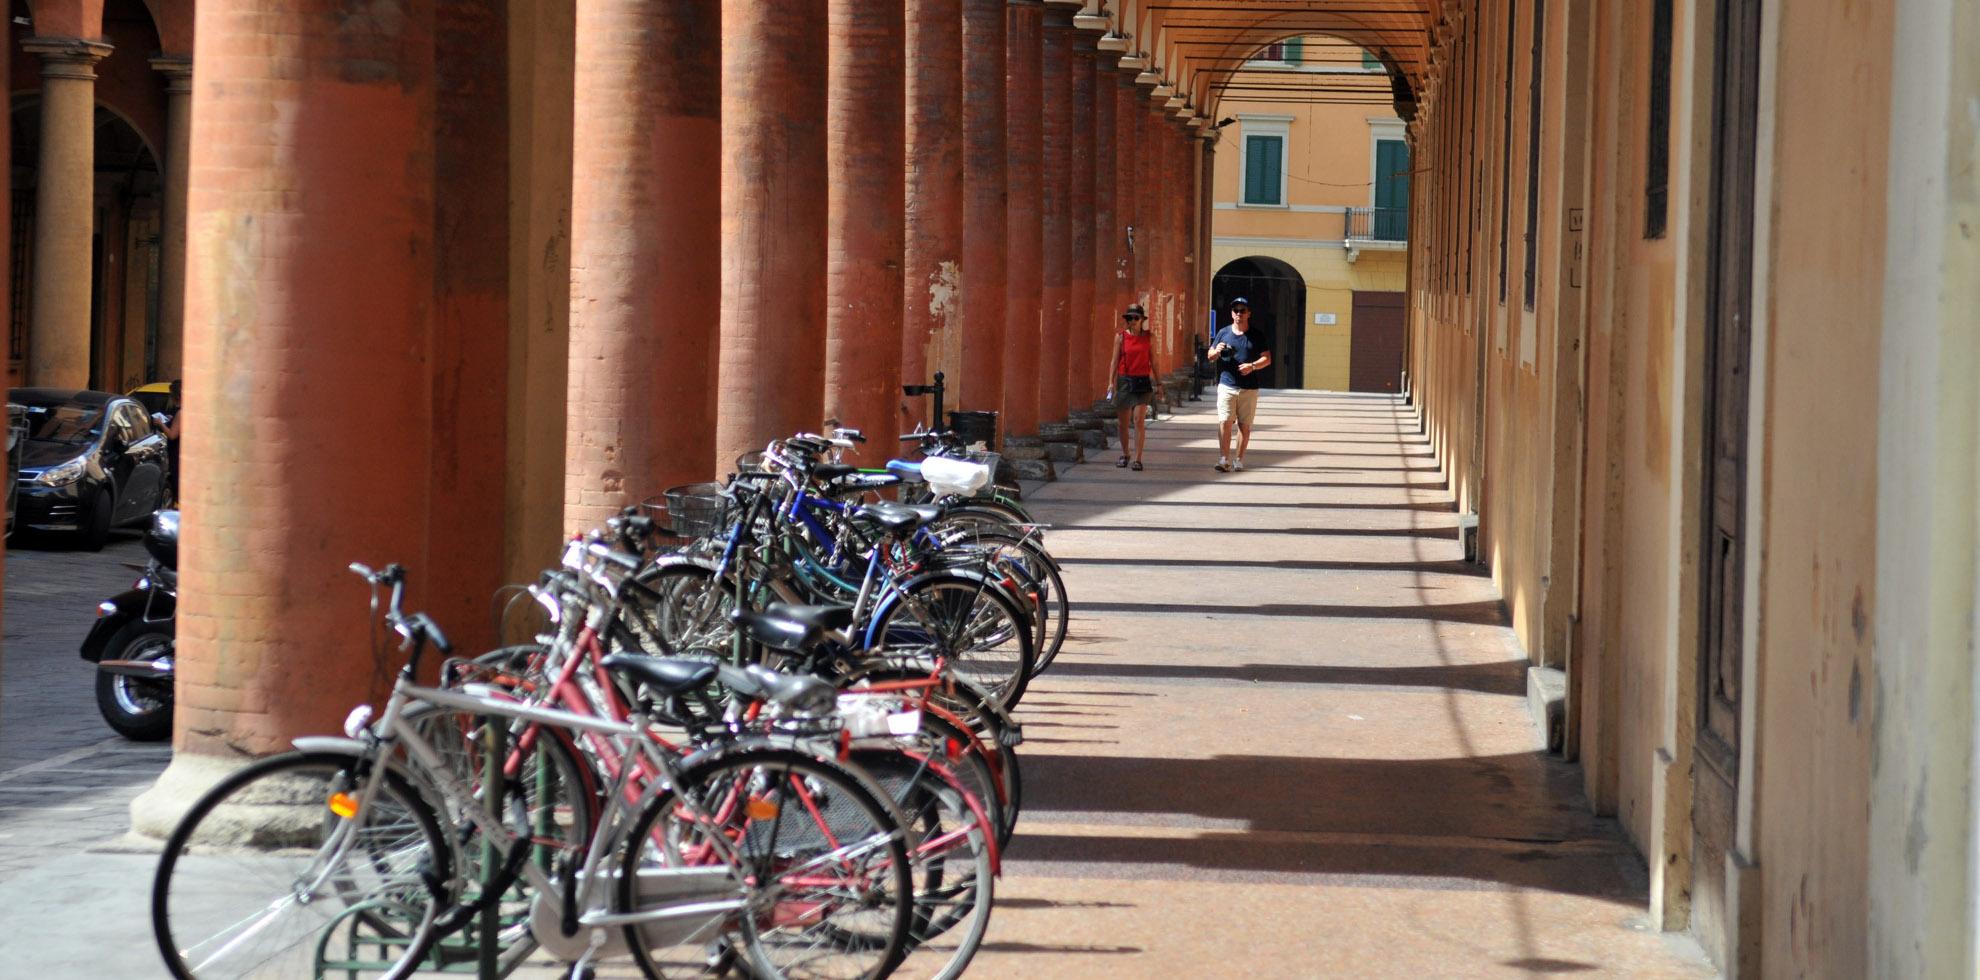 Bici sotto i portici - Archivio Città metropolitana di Bologna